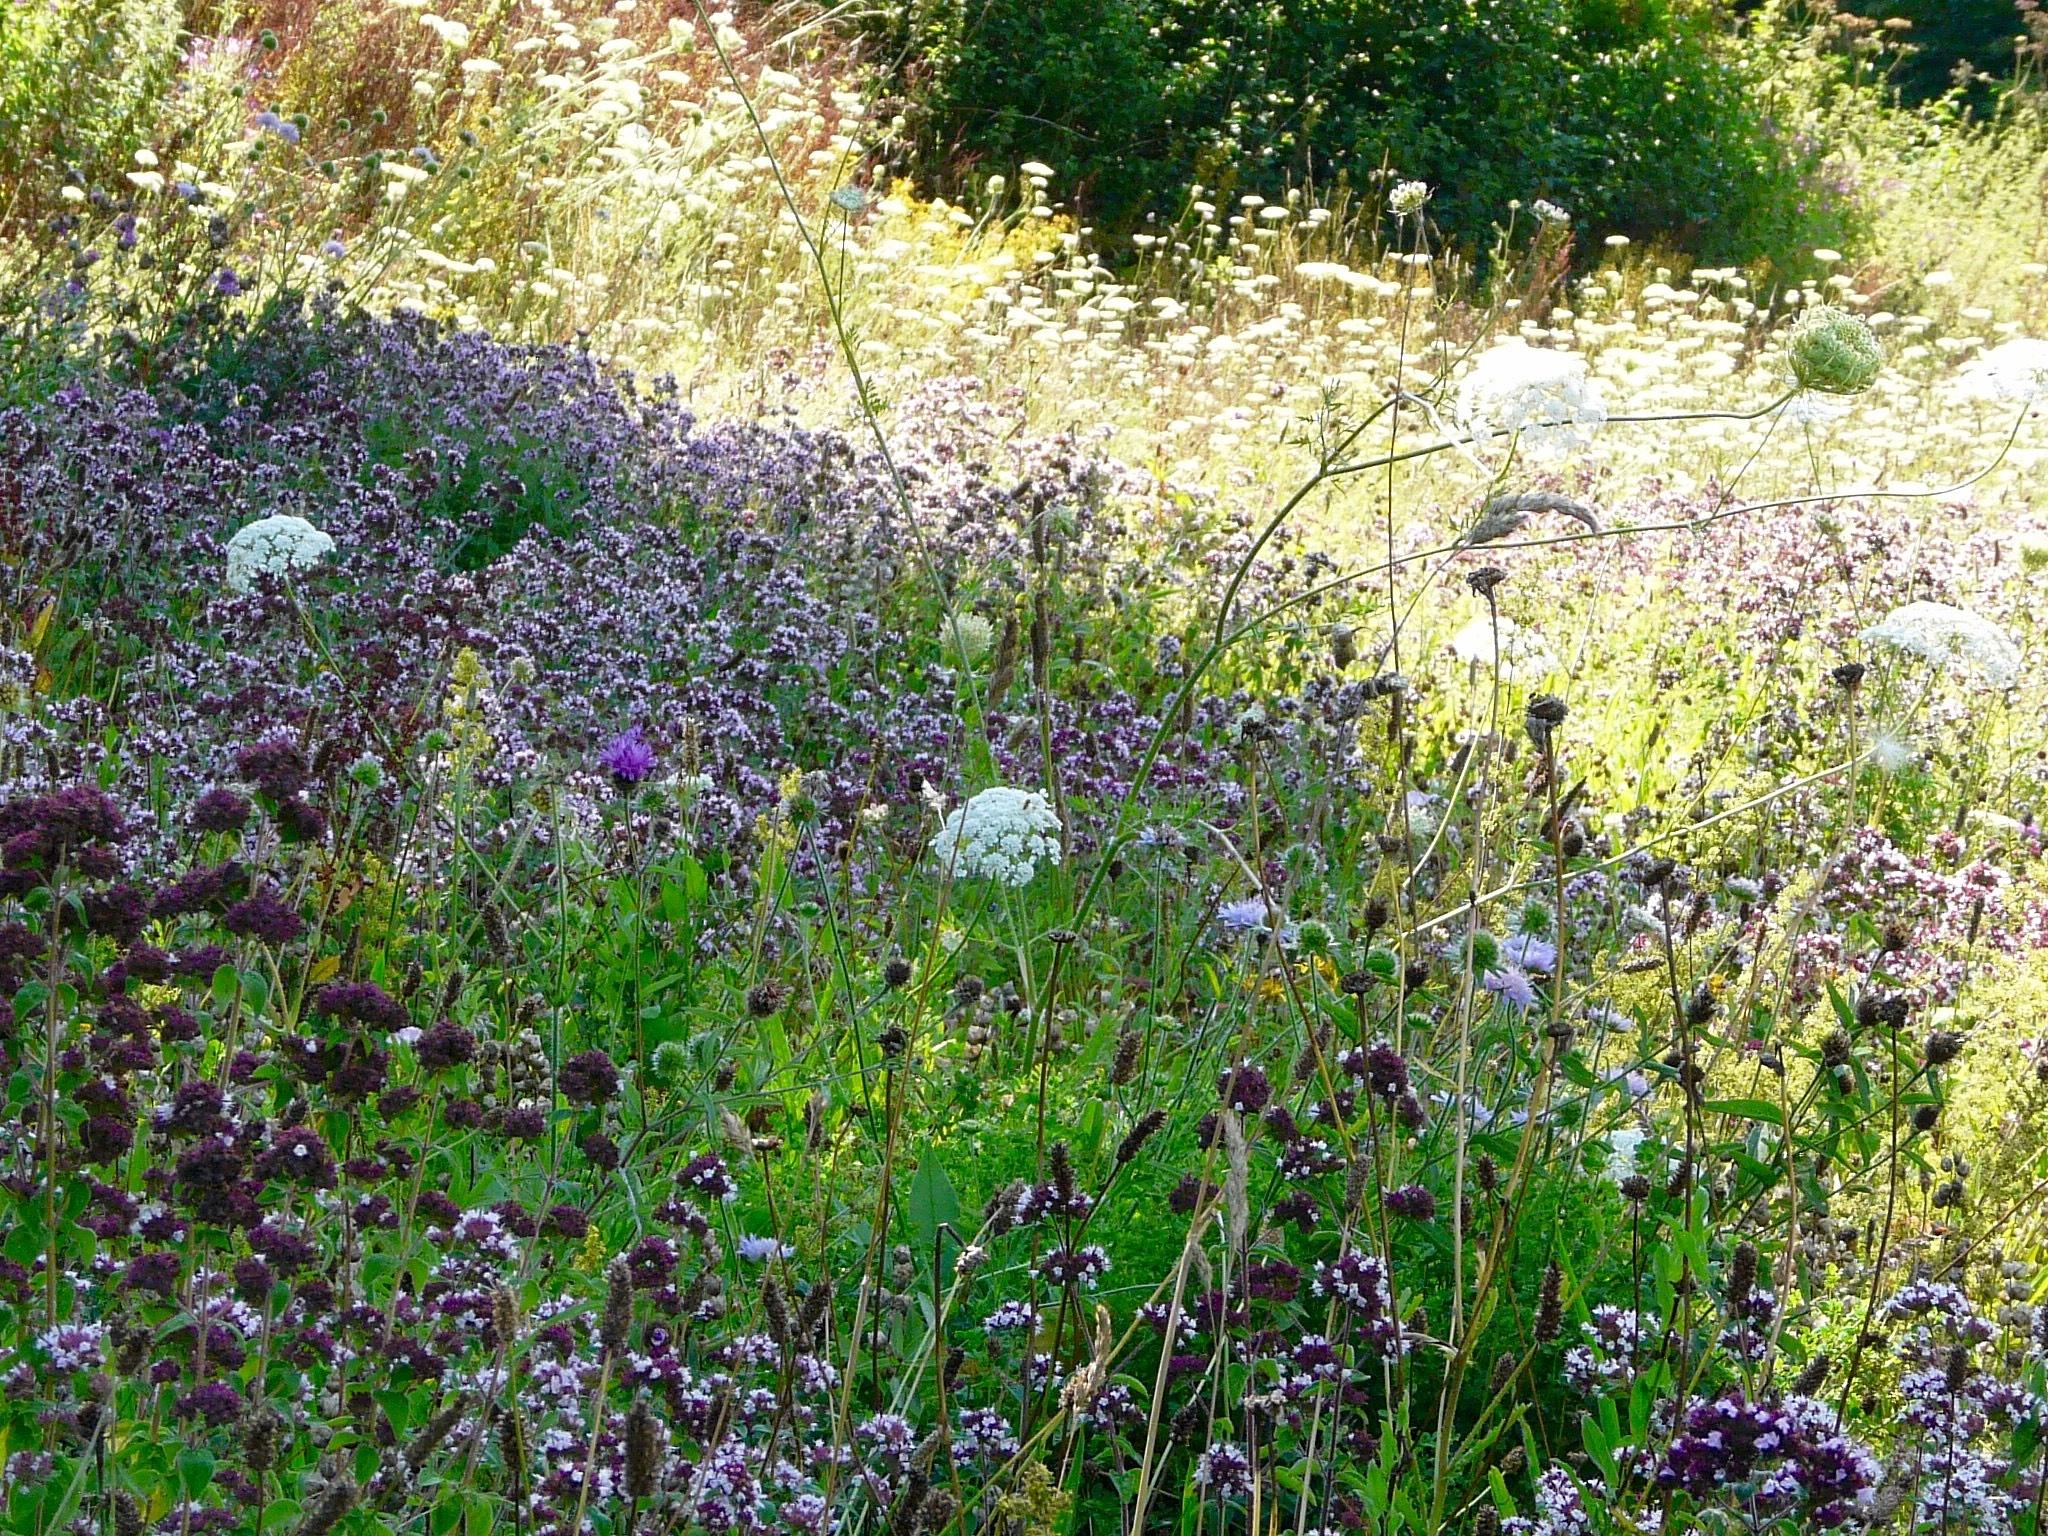 Summer Meadow by calineramsay